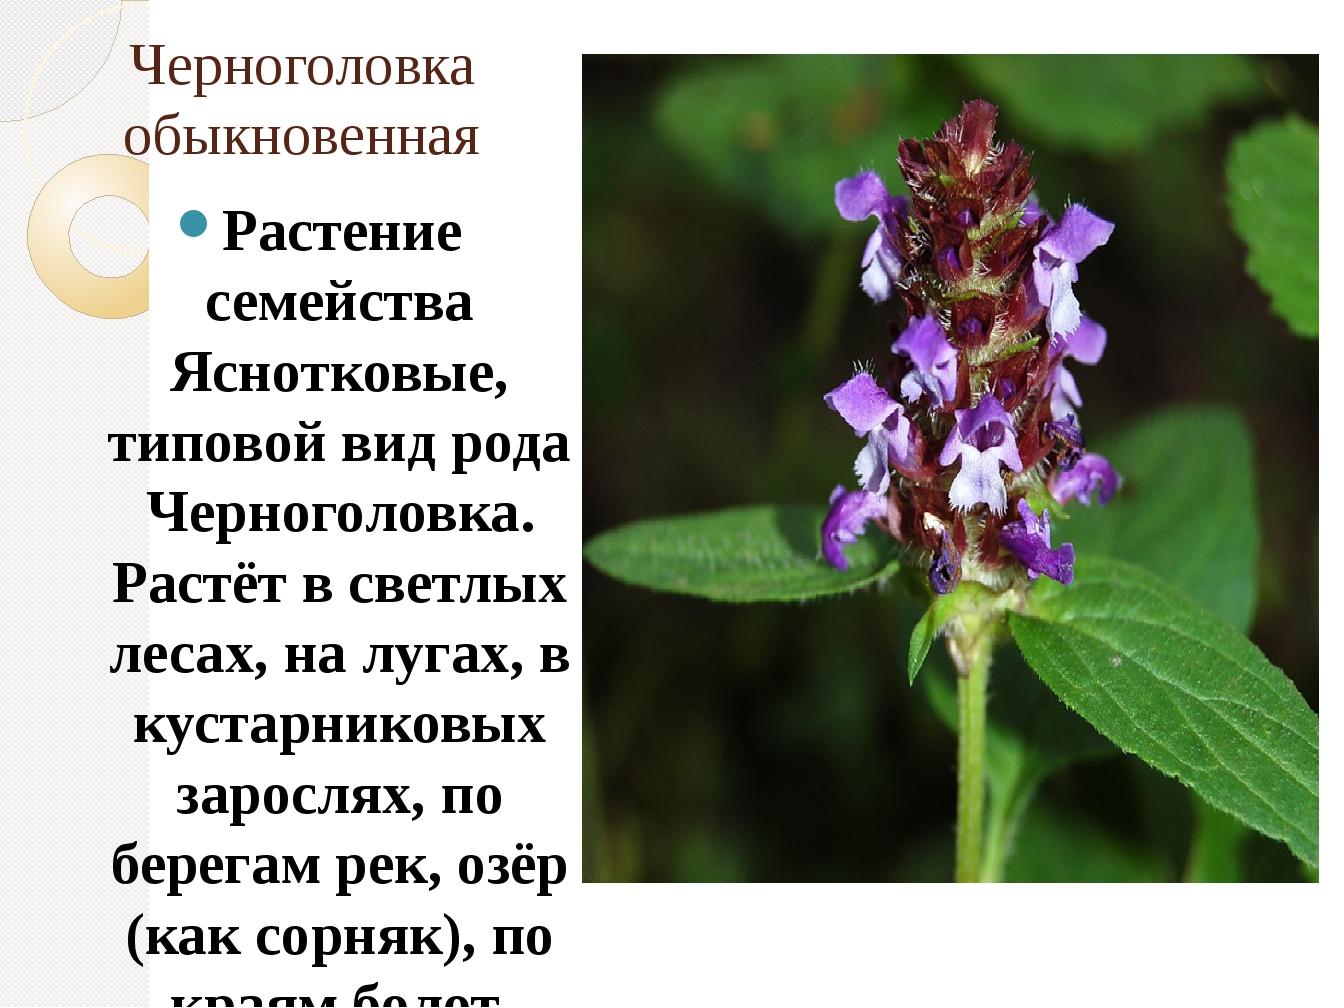 Черноголовка обыкновенная Растение семейства Яснотковые, типовой вид рода Чер...